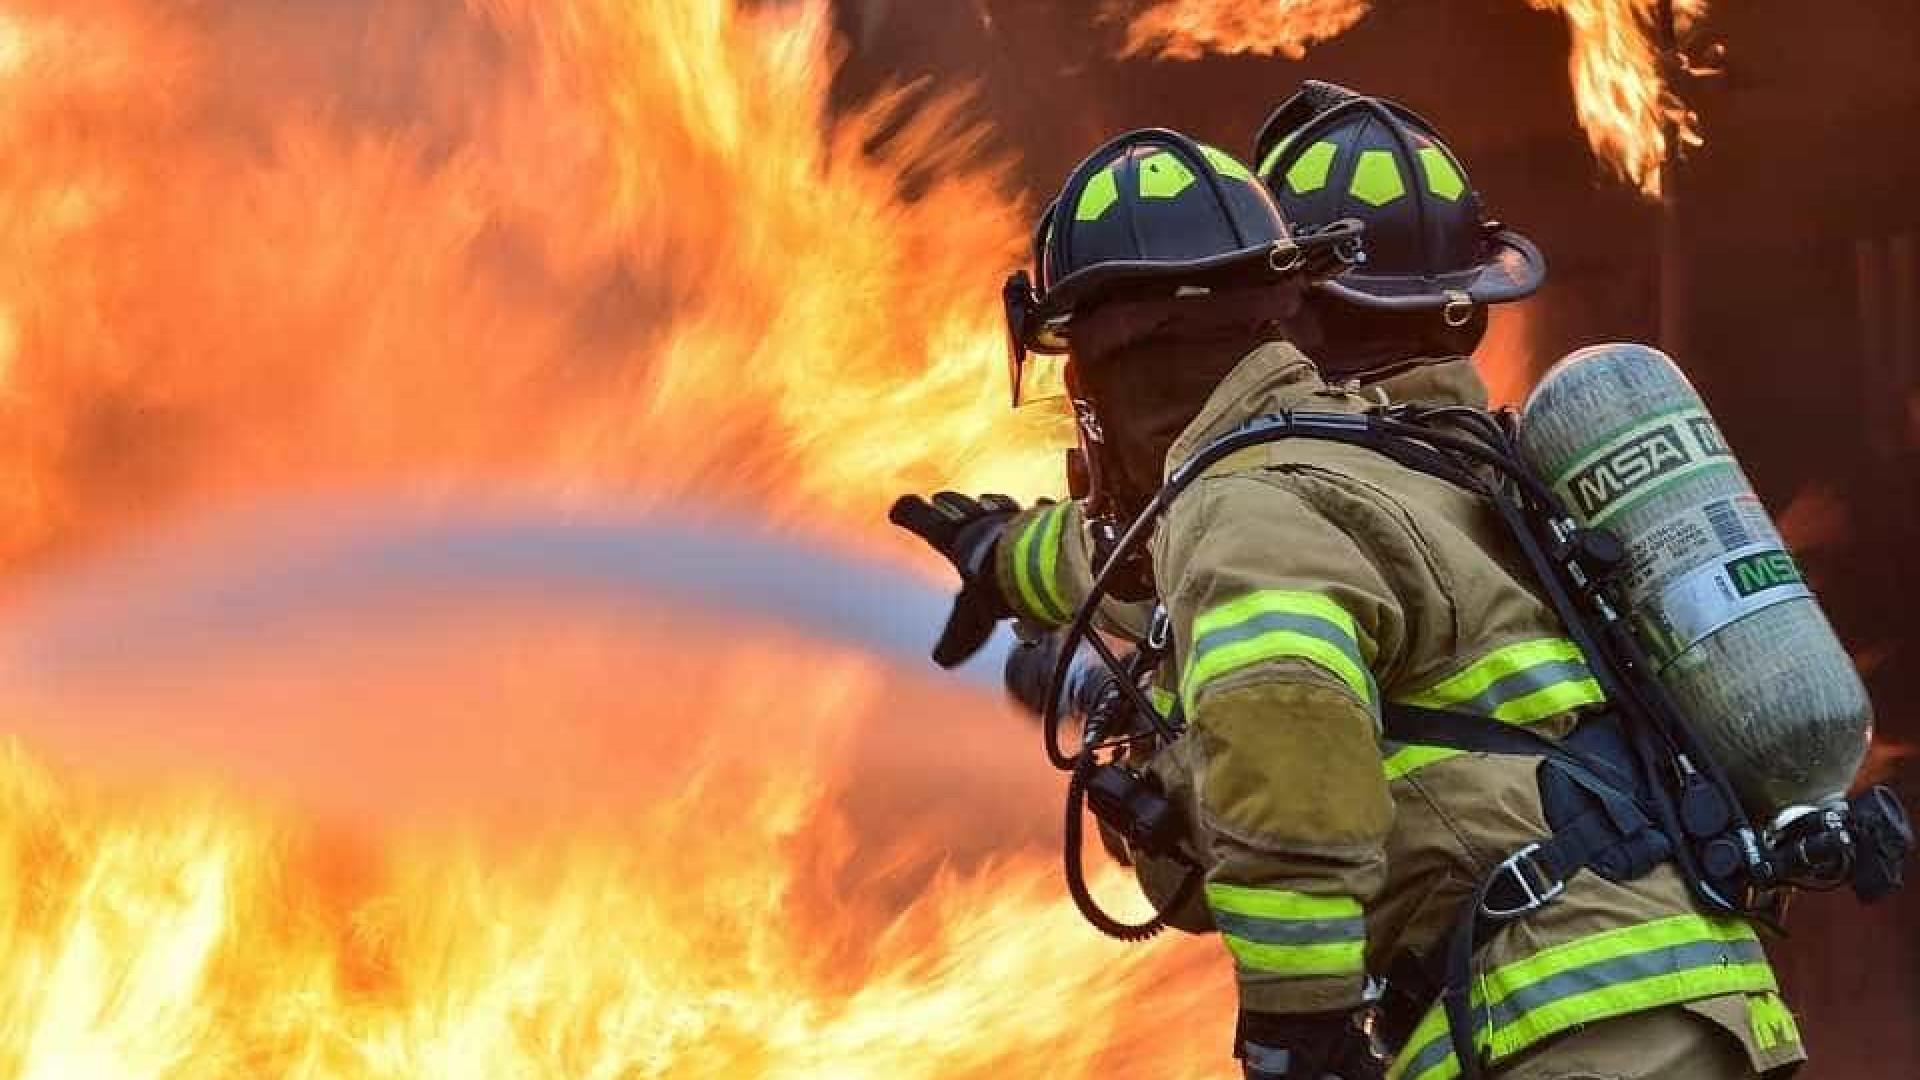 Incêndio atinge centro comercial na Sibéria; há mortos e feridos (VÍDEO)